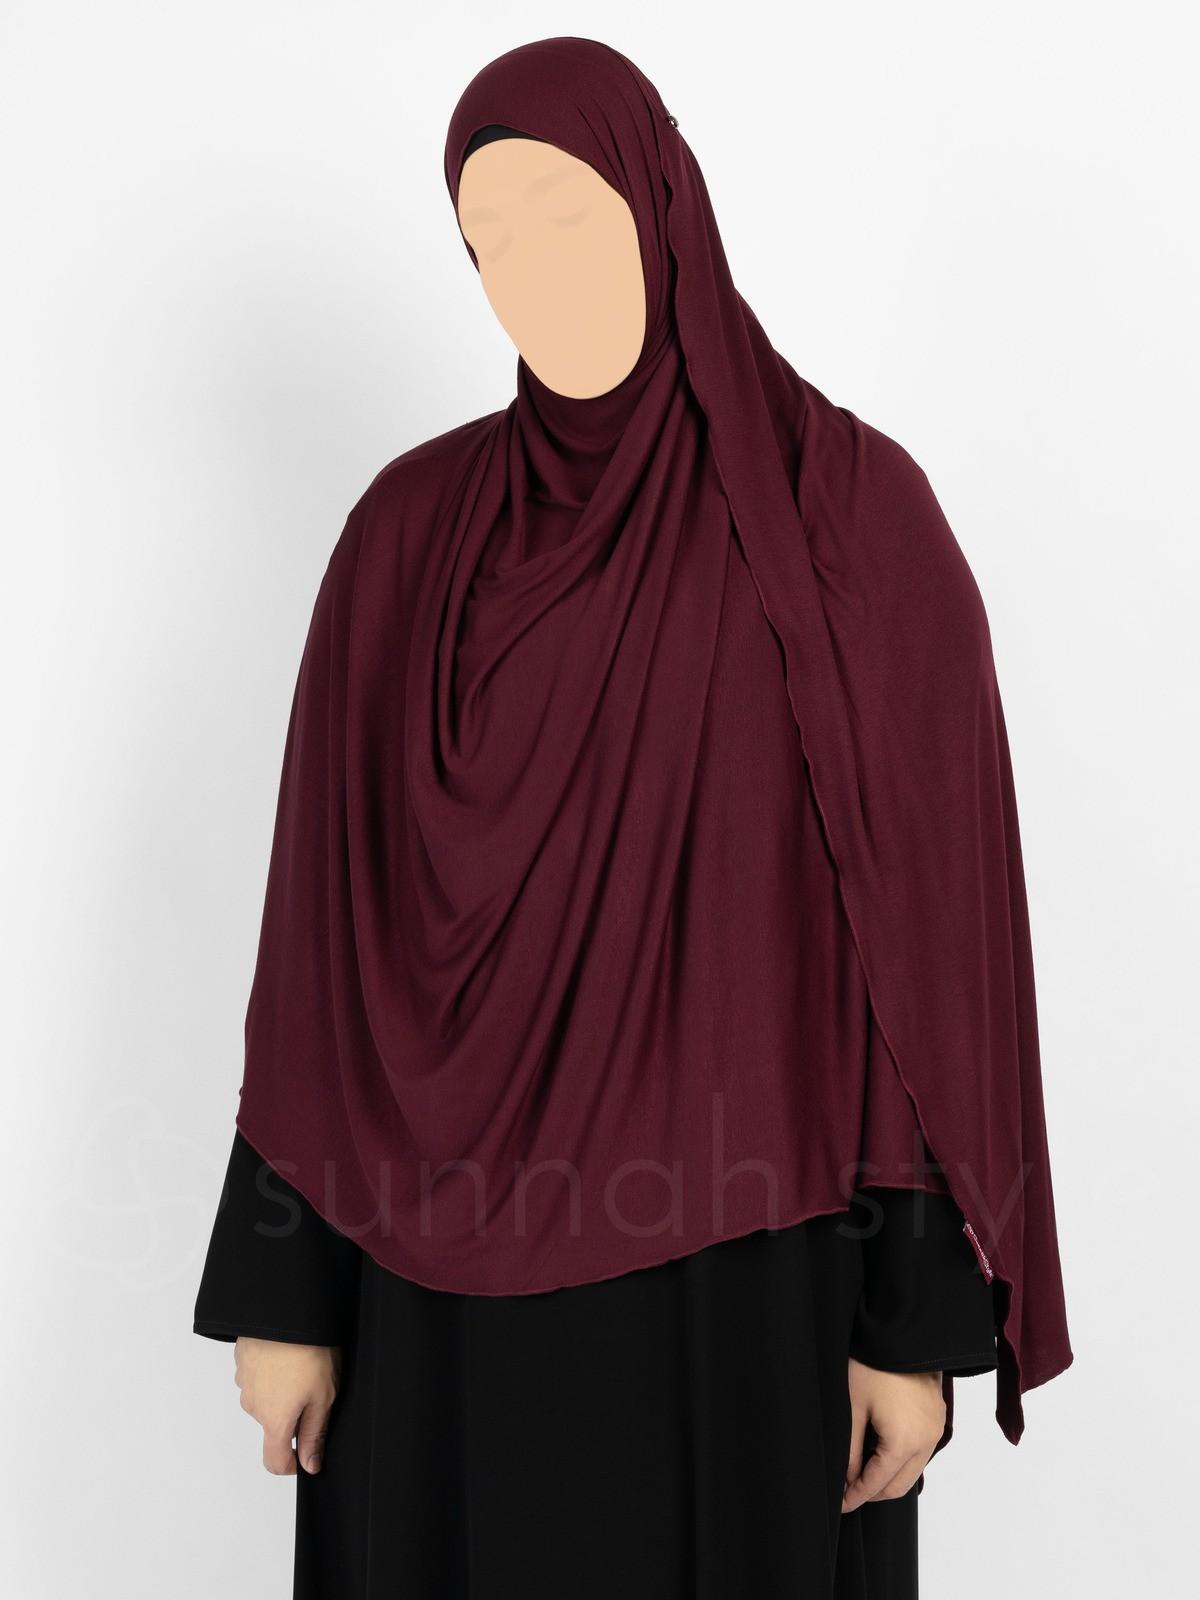 Sunnah Style - Urban Shayla (Soft Jersey) - XL (Plum)